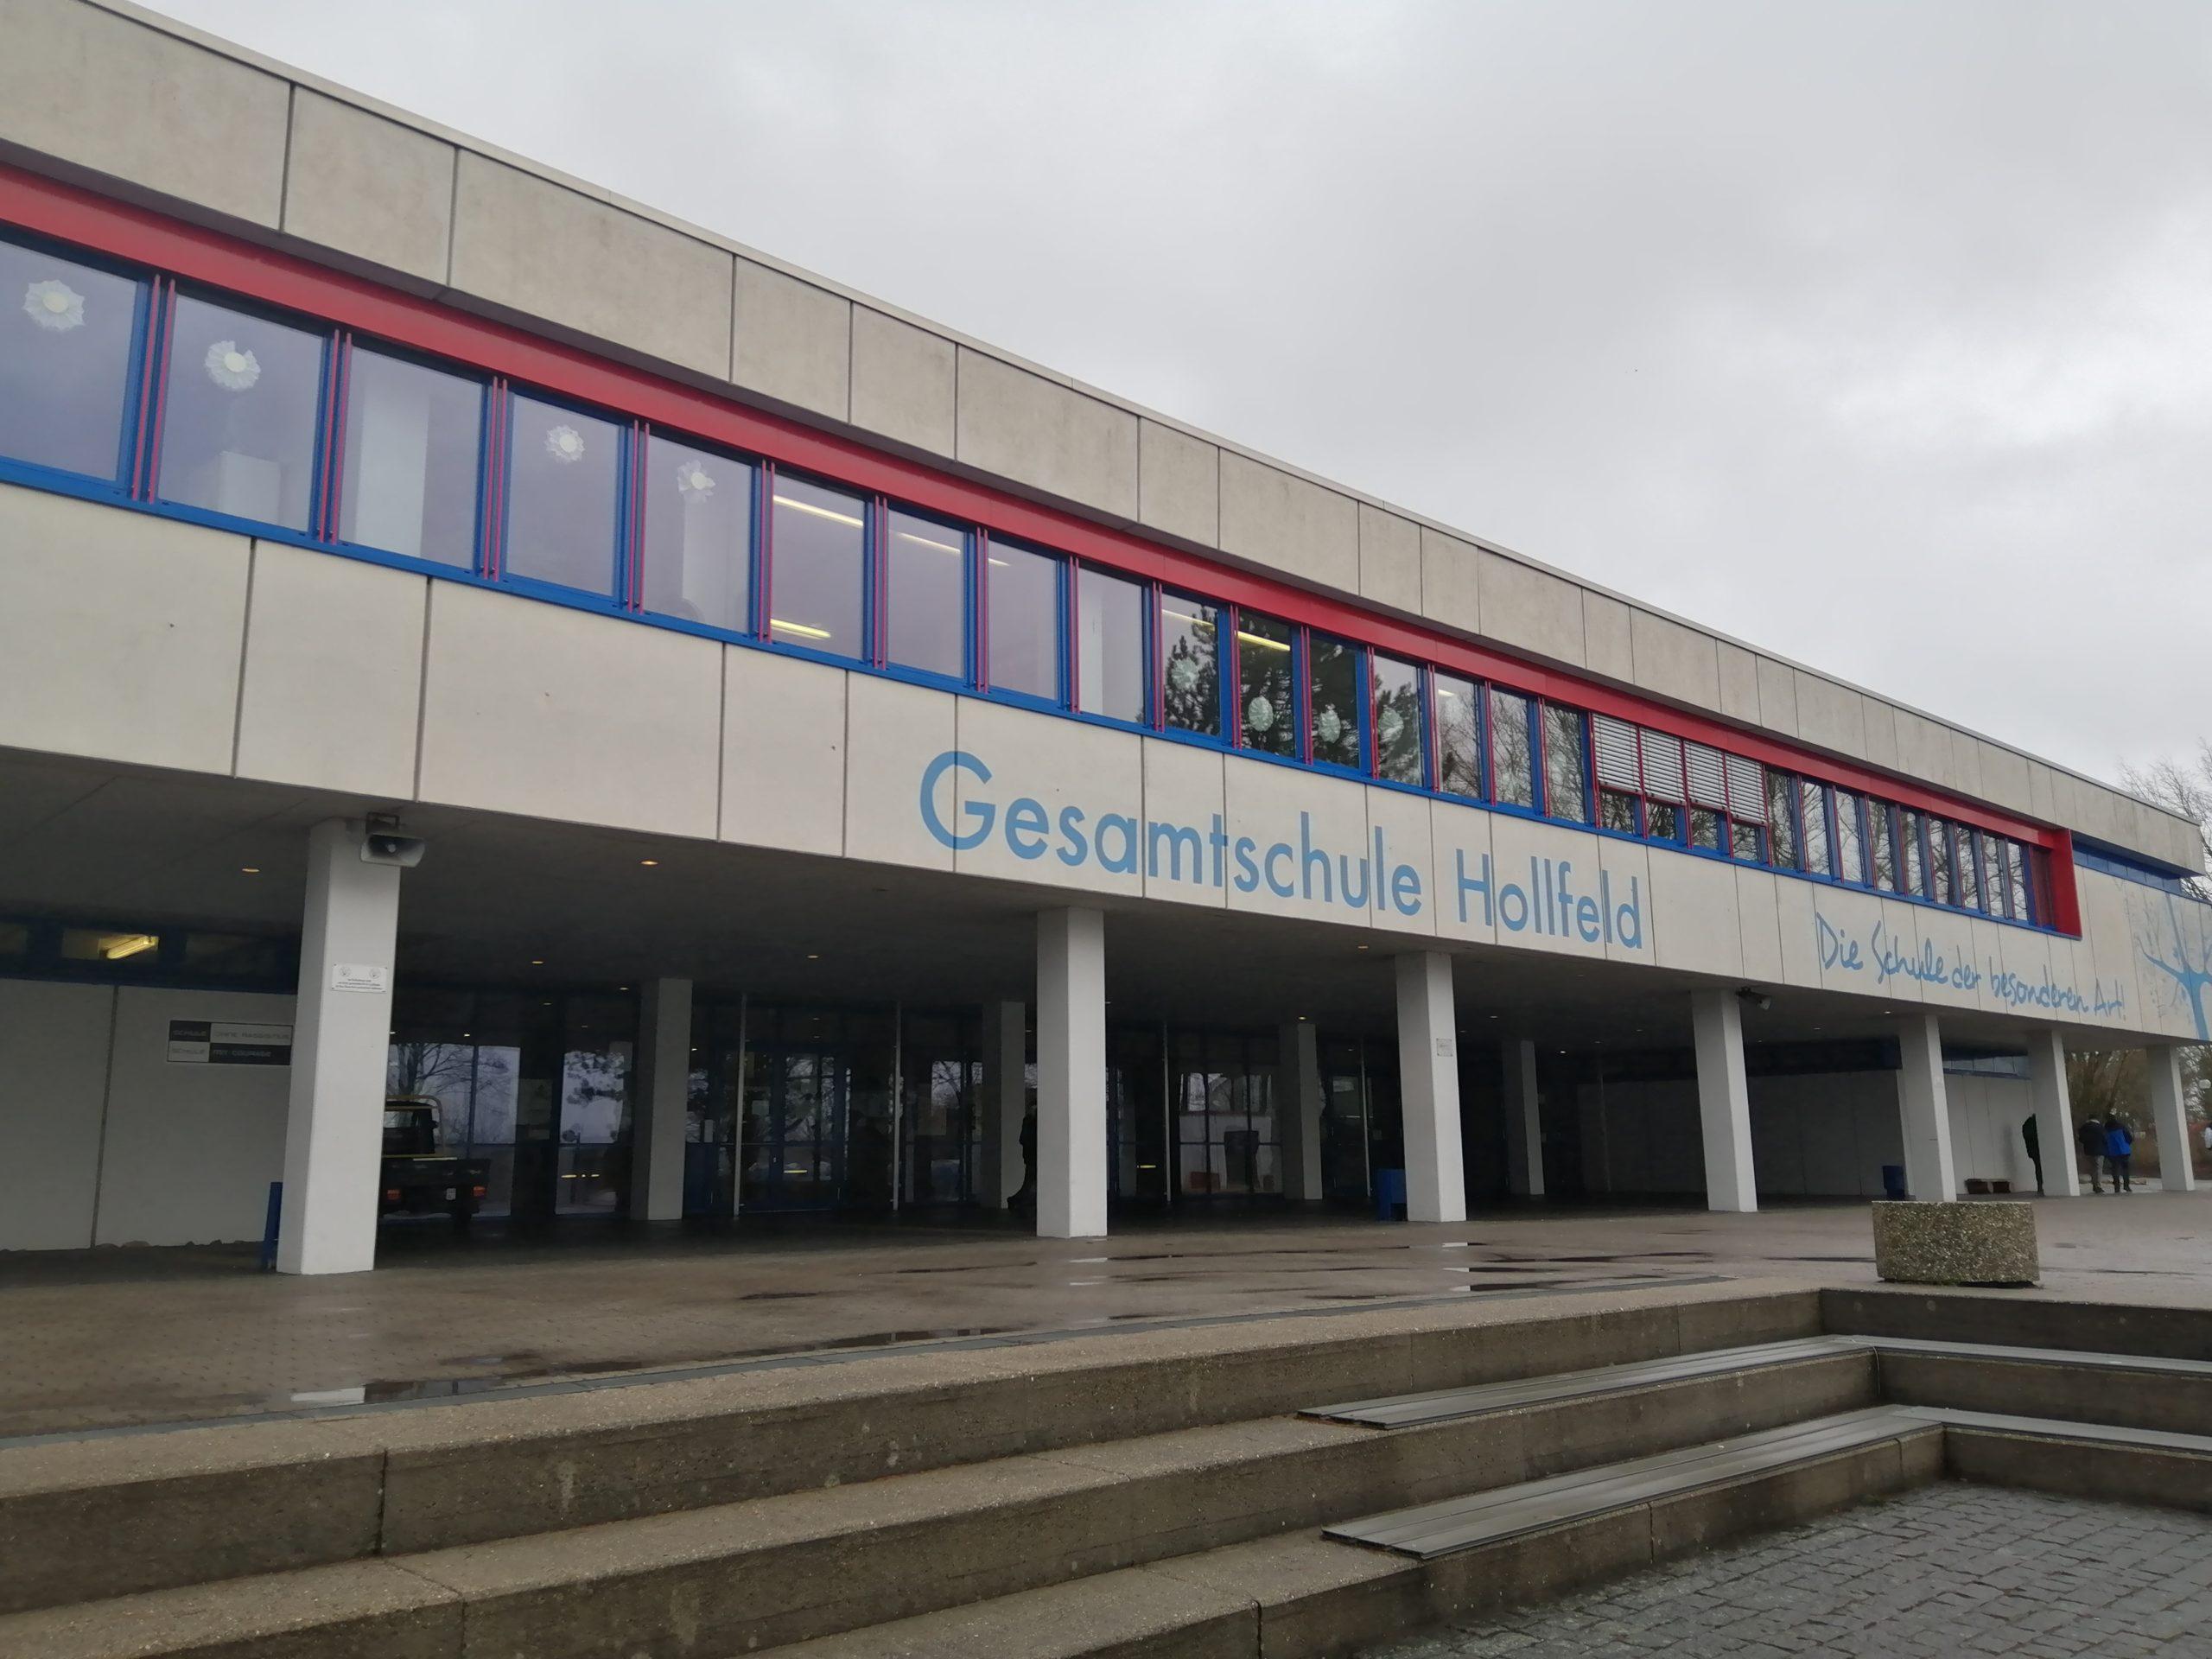 Eingang zur Gesamtschule Hollfeld